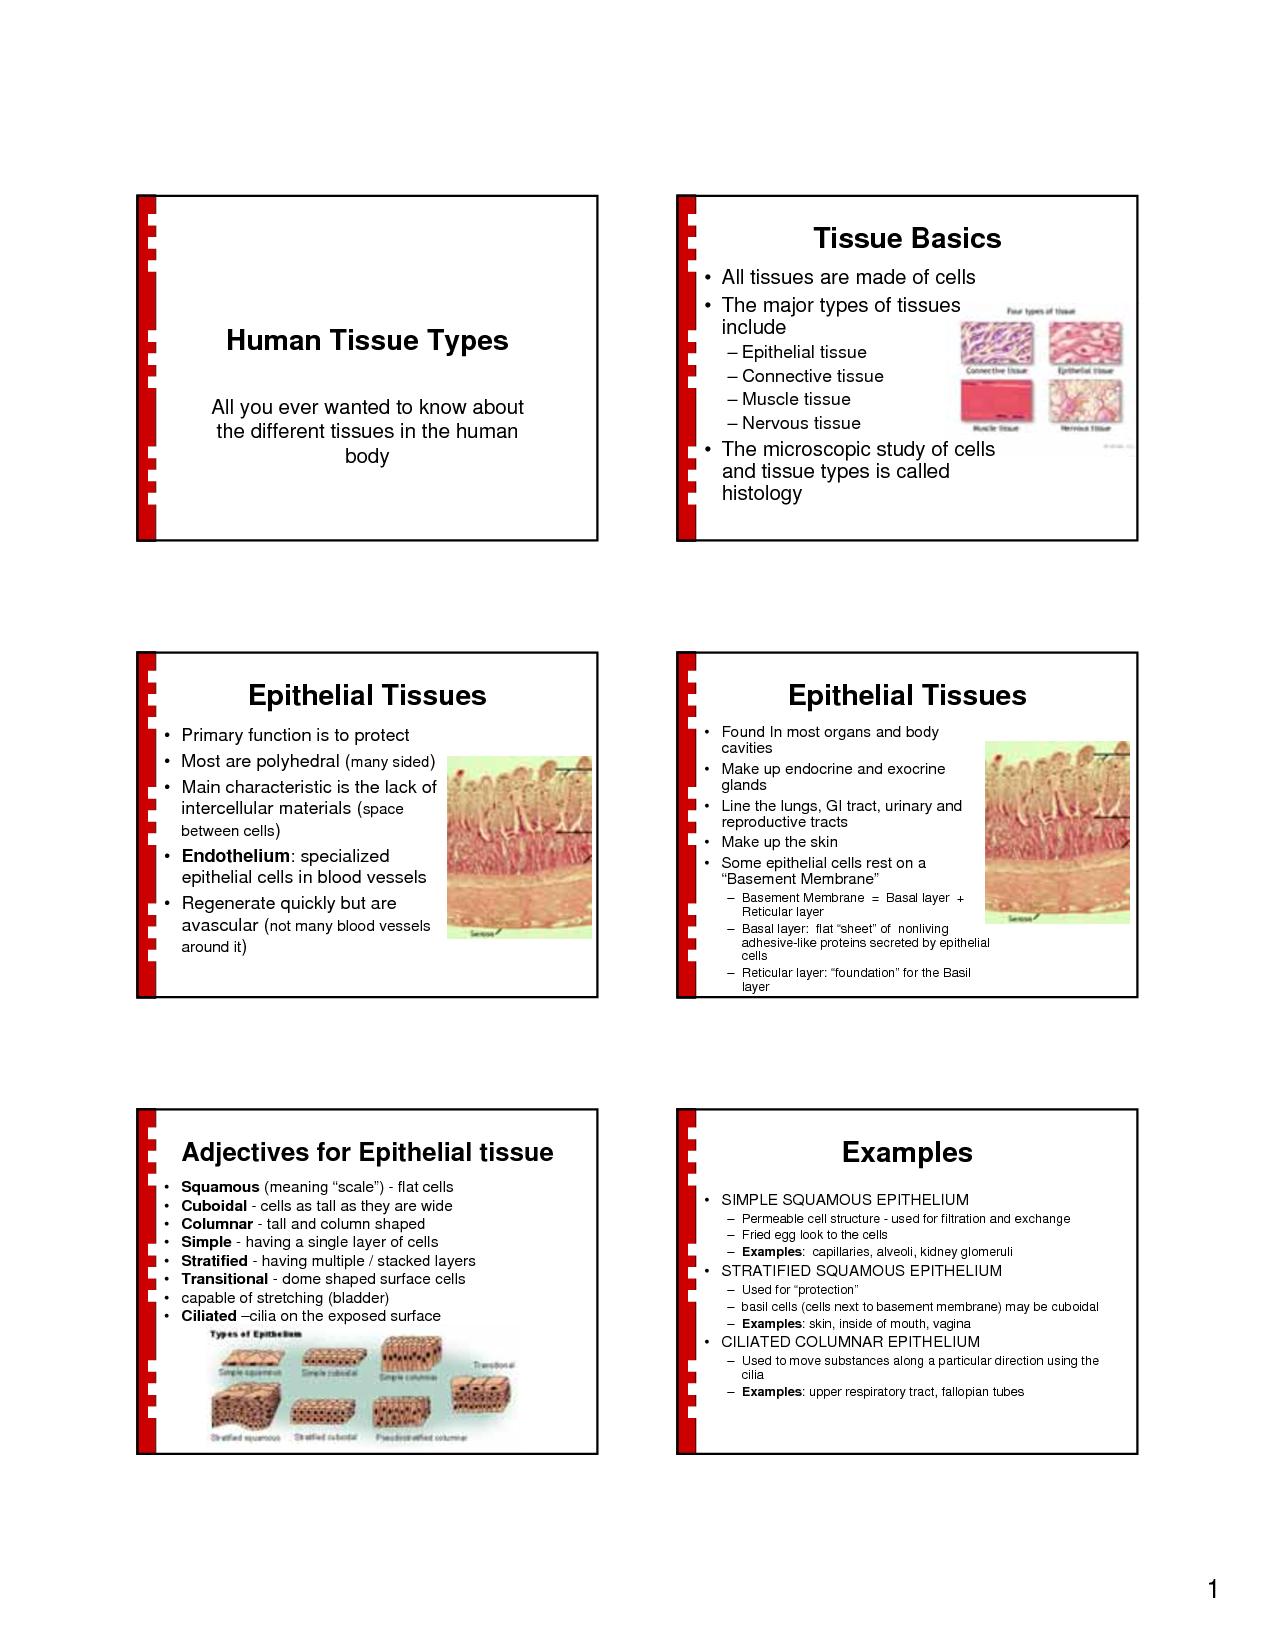 Human Tissue Human Tissue Types Tissue Basics Epithelial Tissues